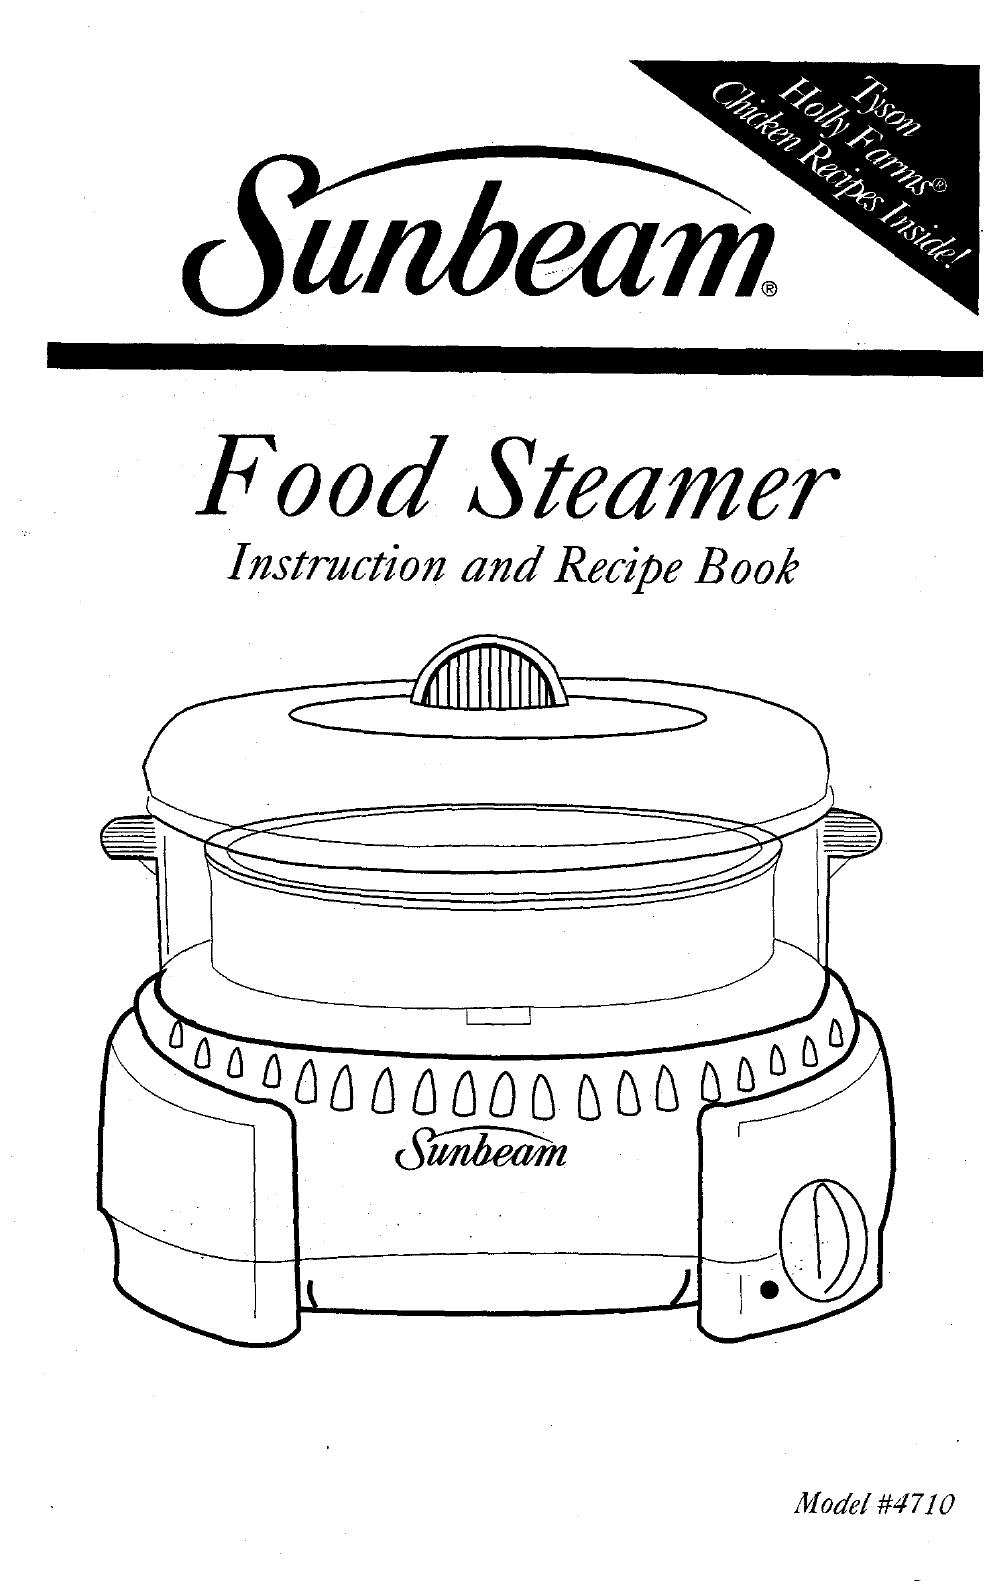 sunbeam food steamer manual